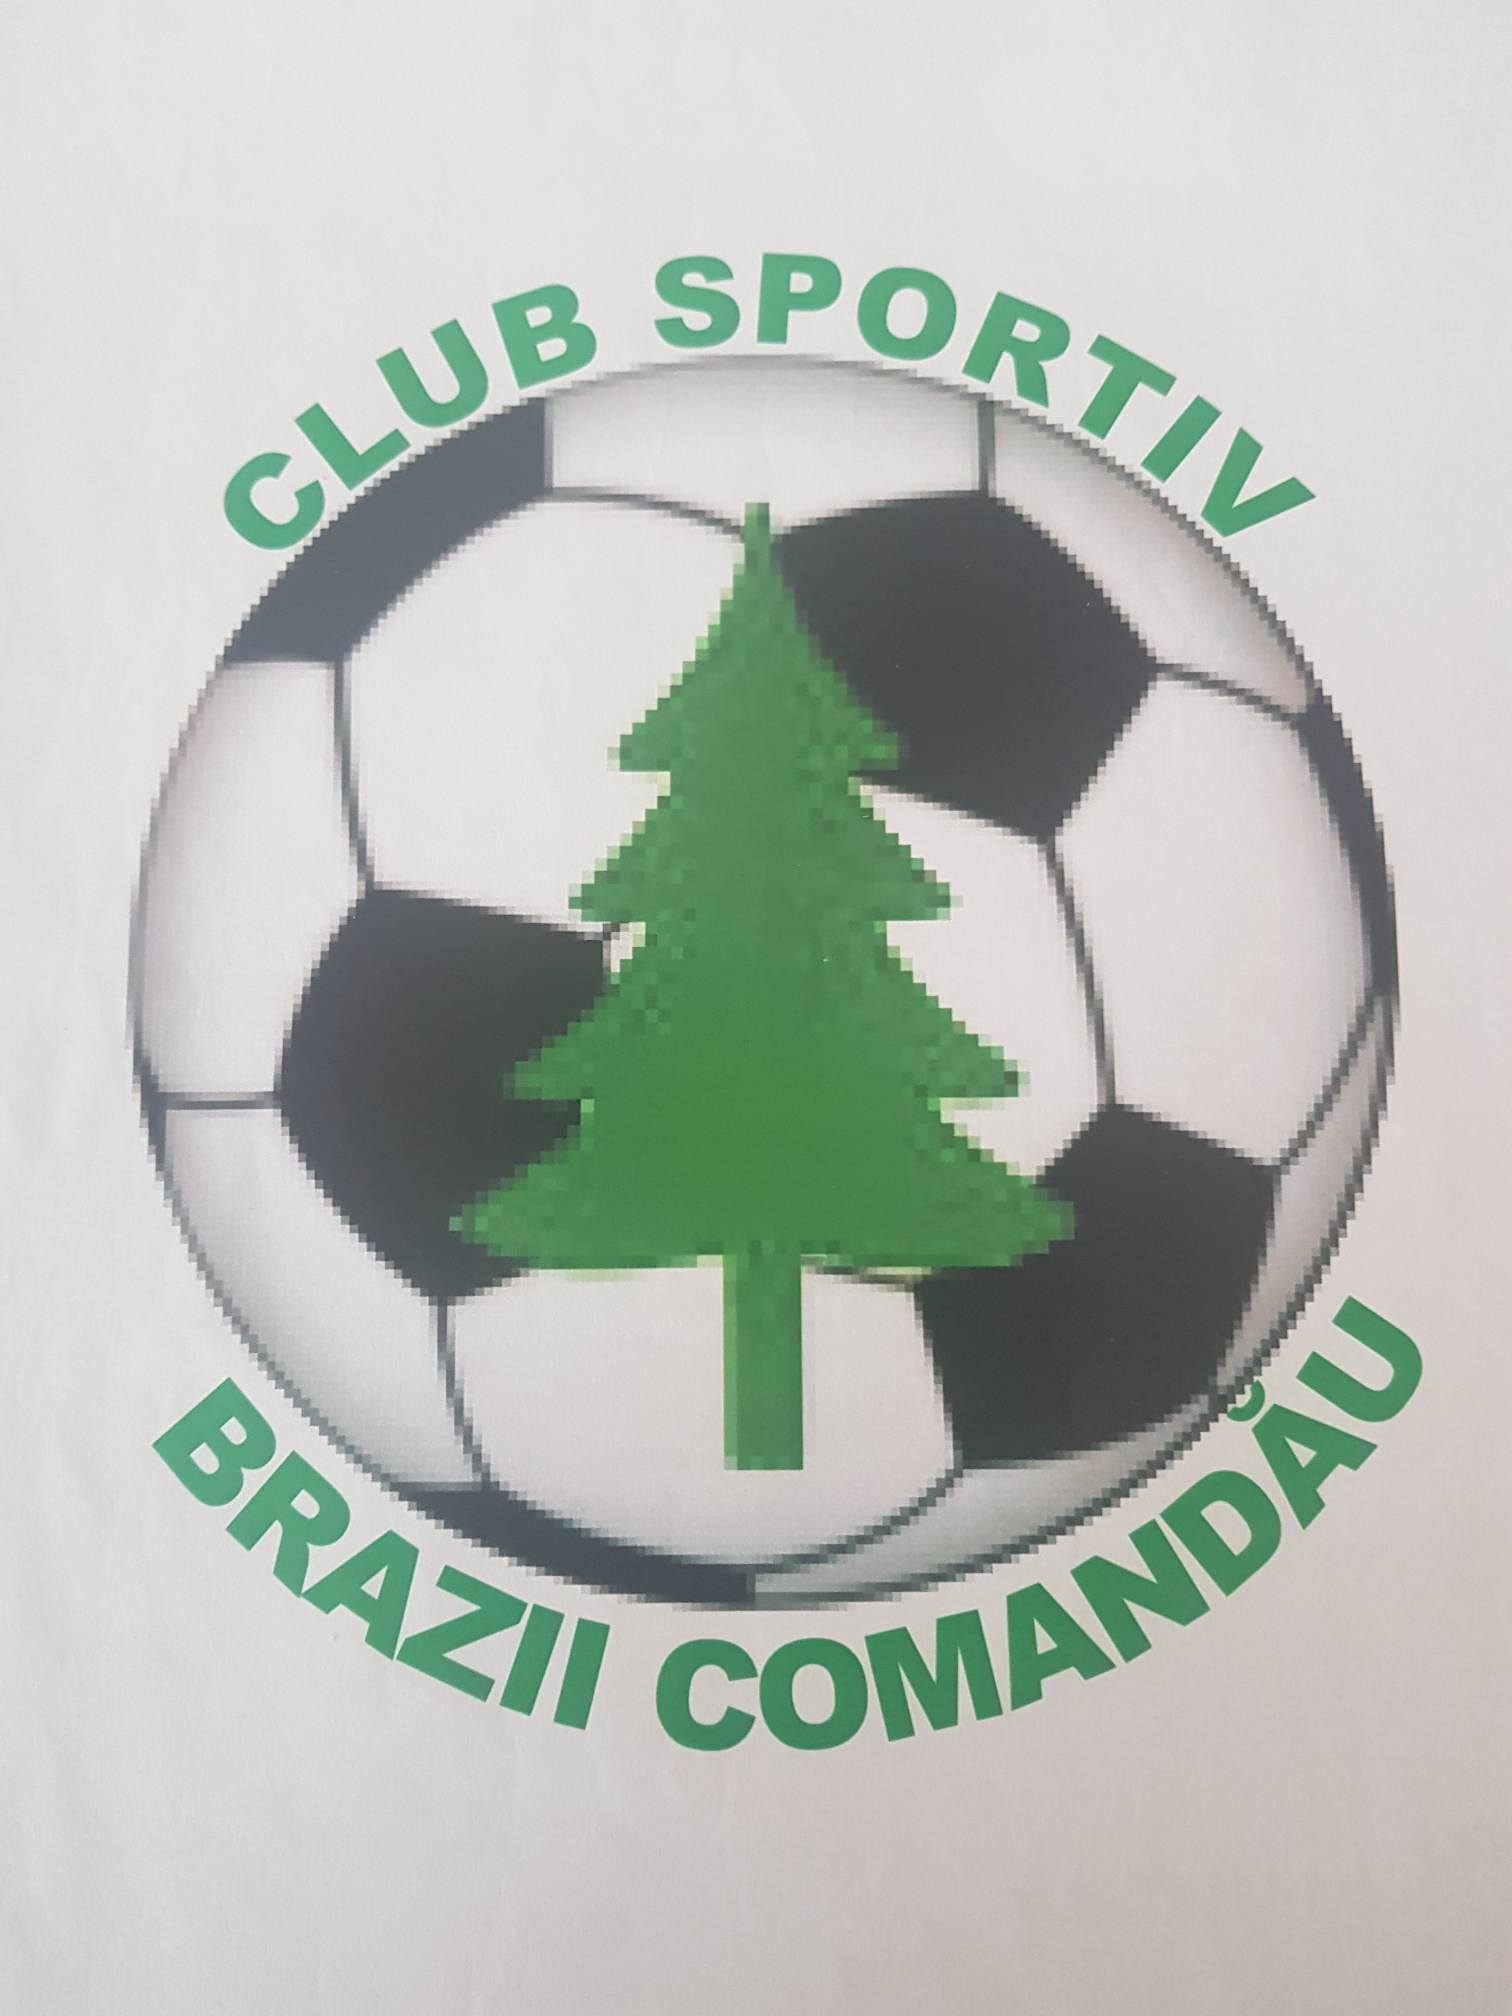 A.C.S. BRAZII COMANDAU